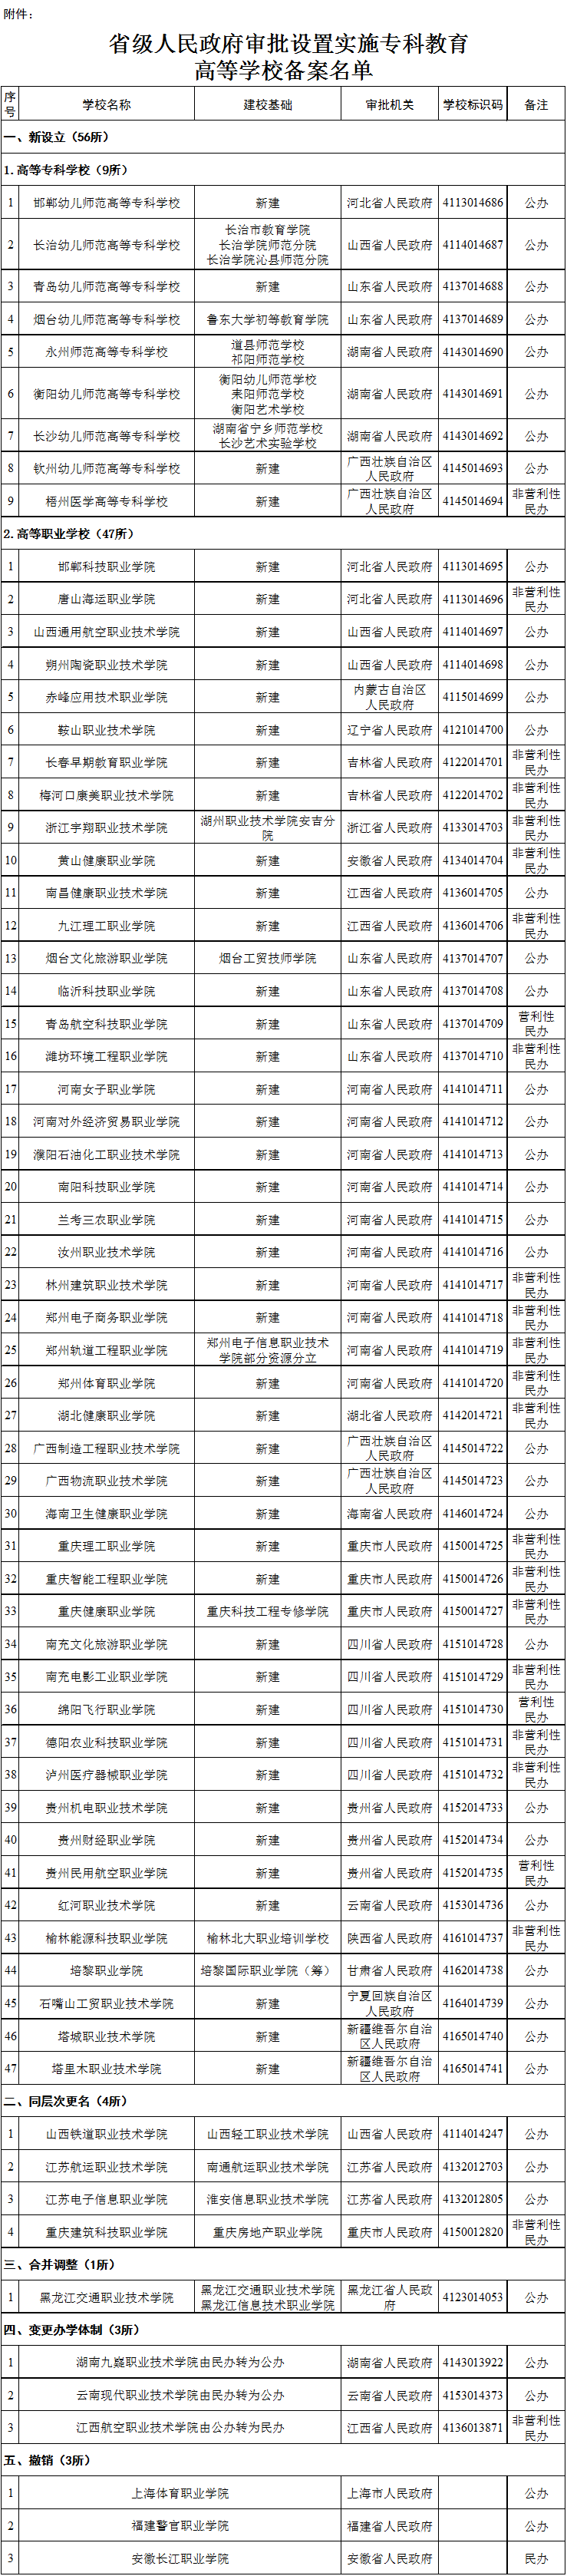 线上网投APP部:新建9所高等专科学校、47所高职,撤销3所高职